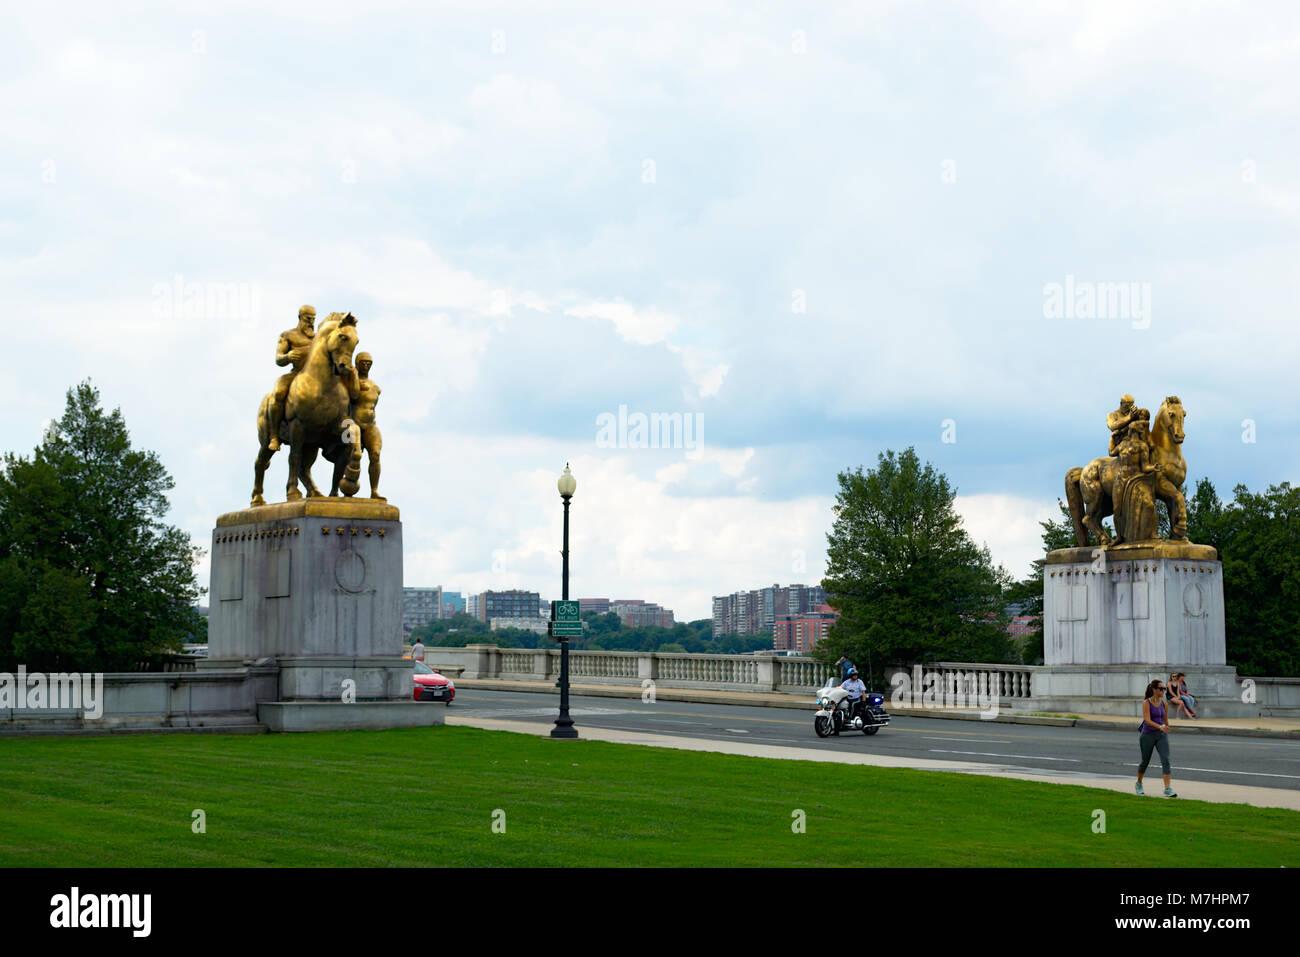 Memorial Bridge Statues , Arts of War and Arts of  Peace - Stock Image